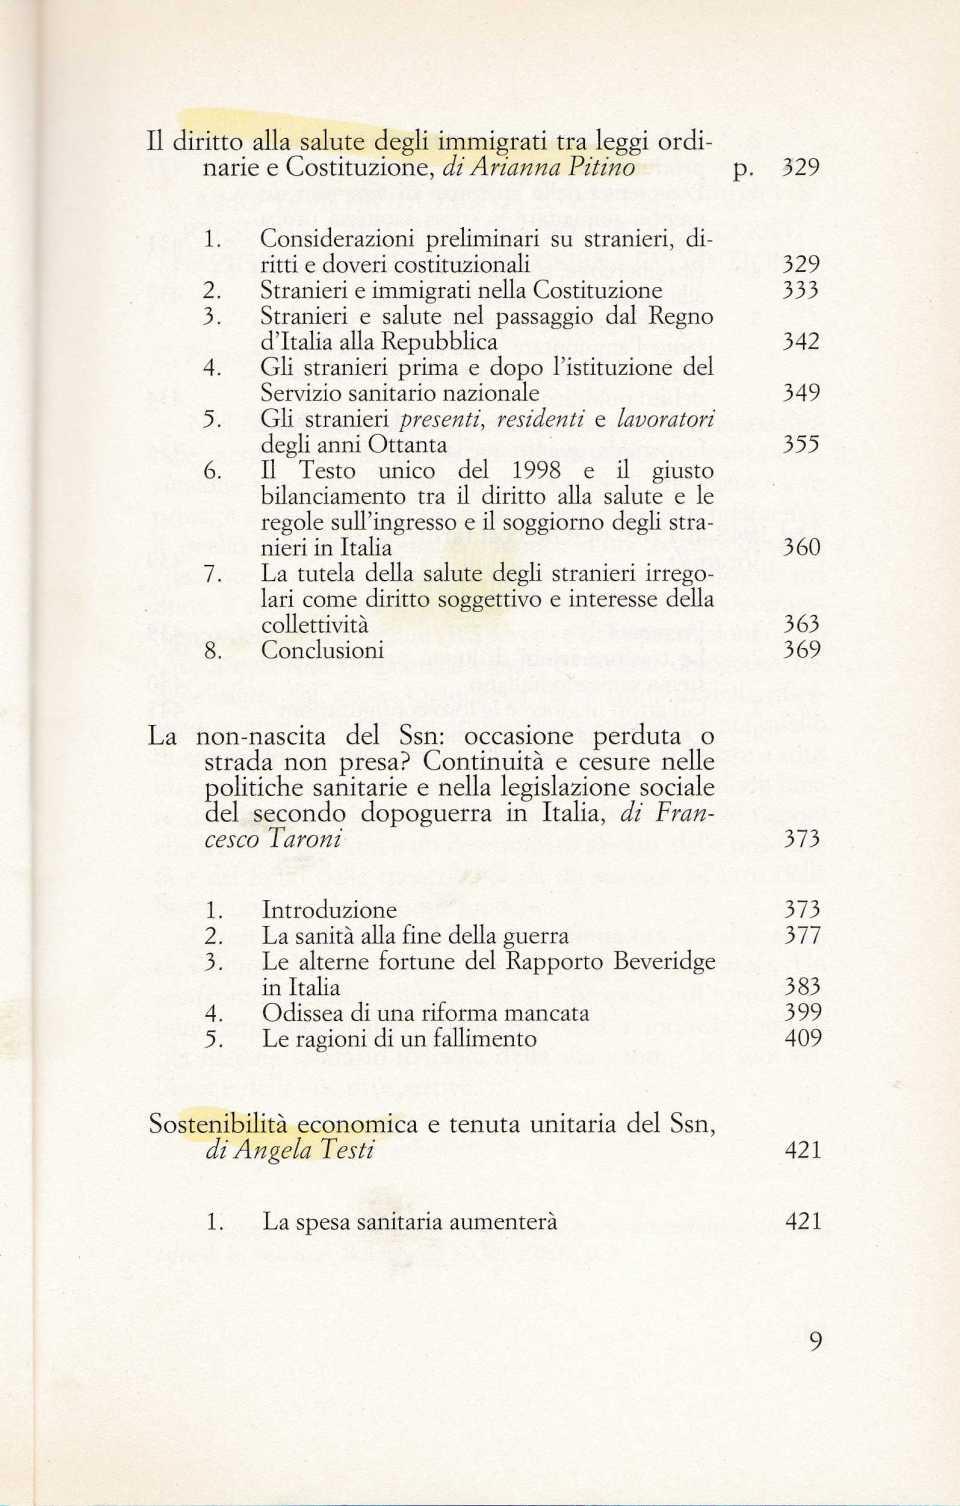 balduzzi1467